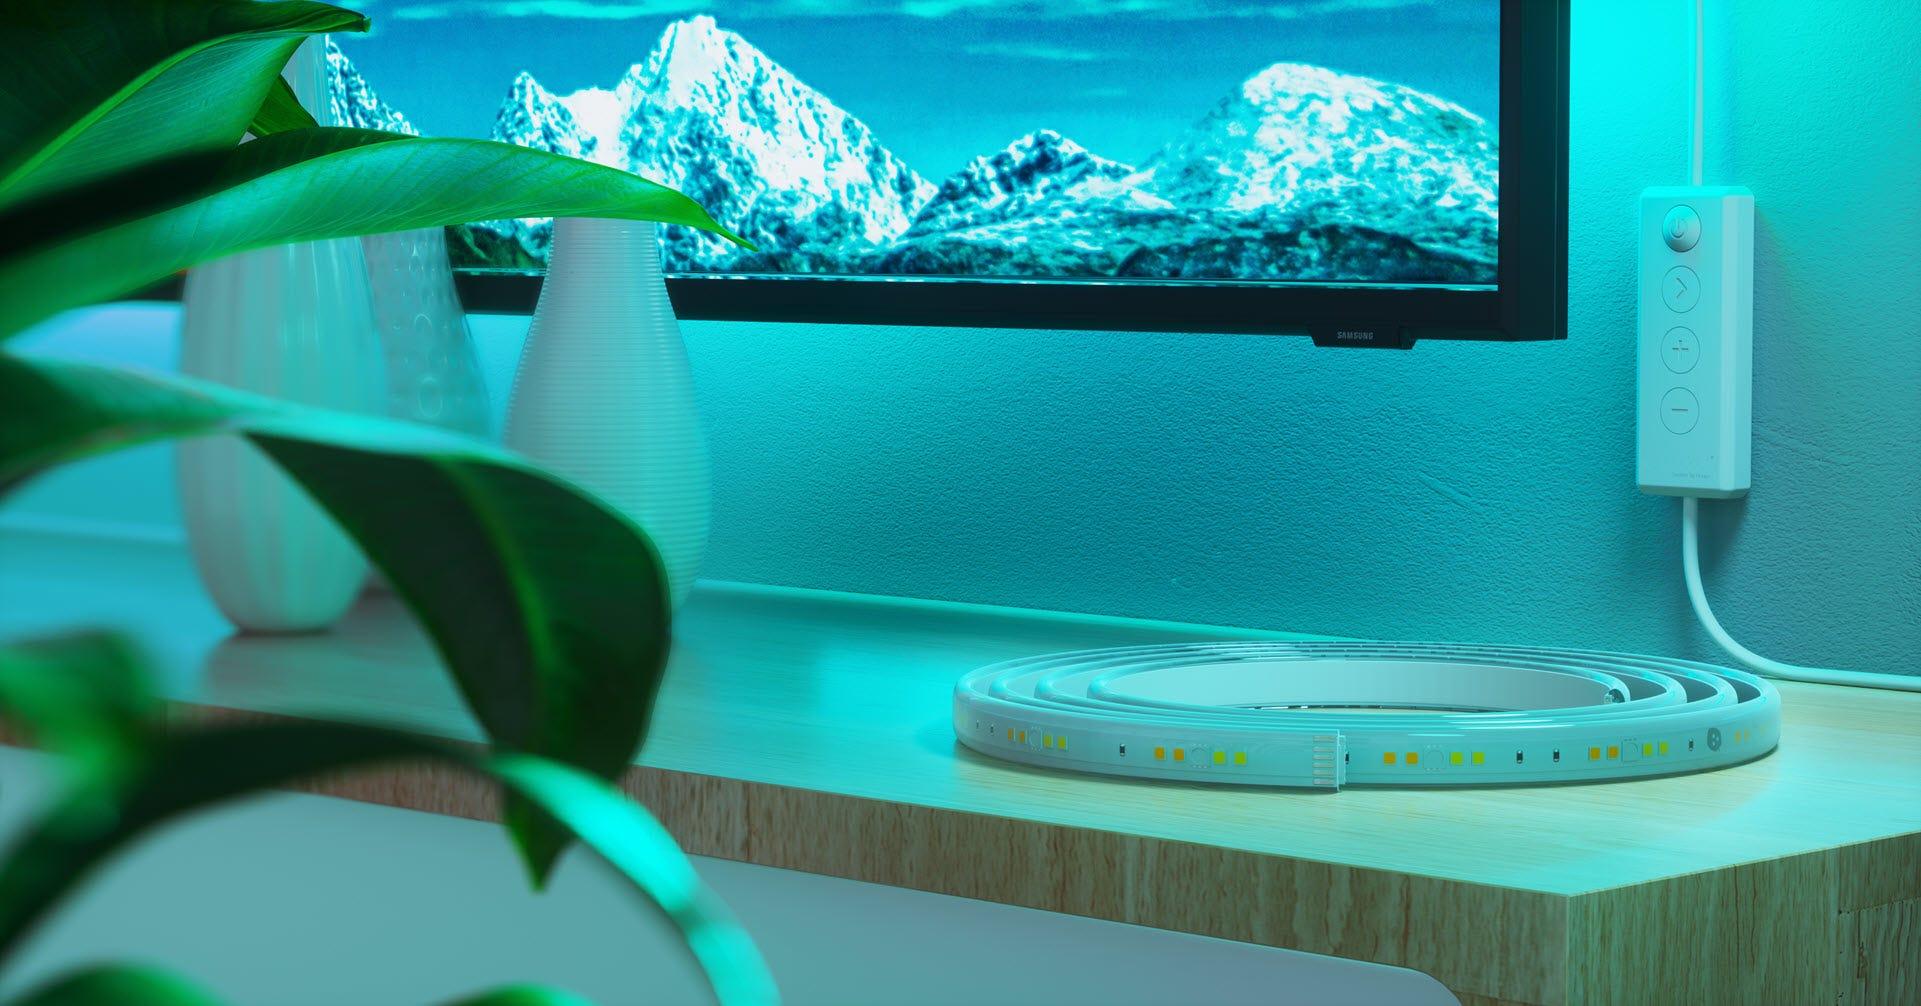 A Nanoleaf LED strip on a tv media center.